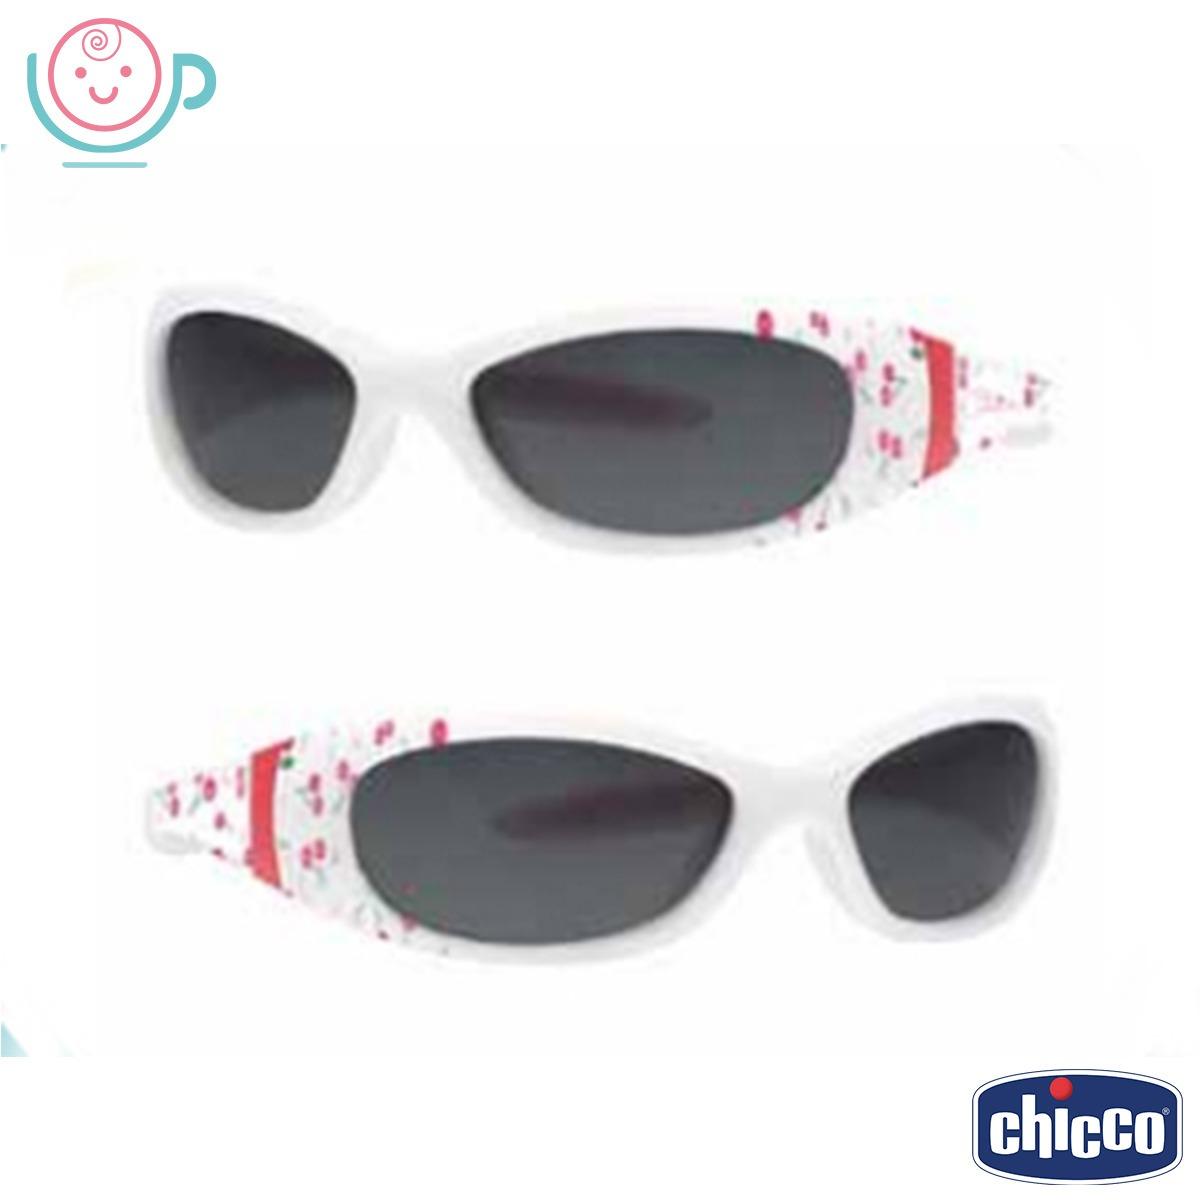 3a5bf252b Óculos De Sol Infantil Chicco - R$ 99,90 em Mercado Livre